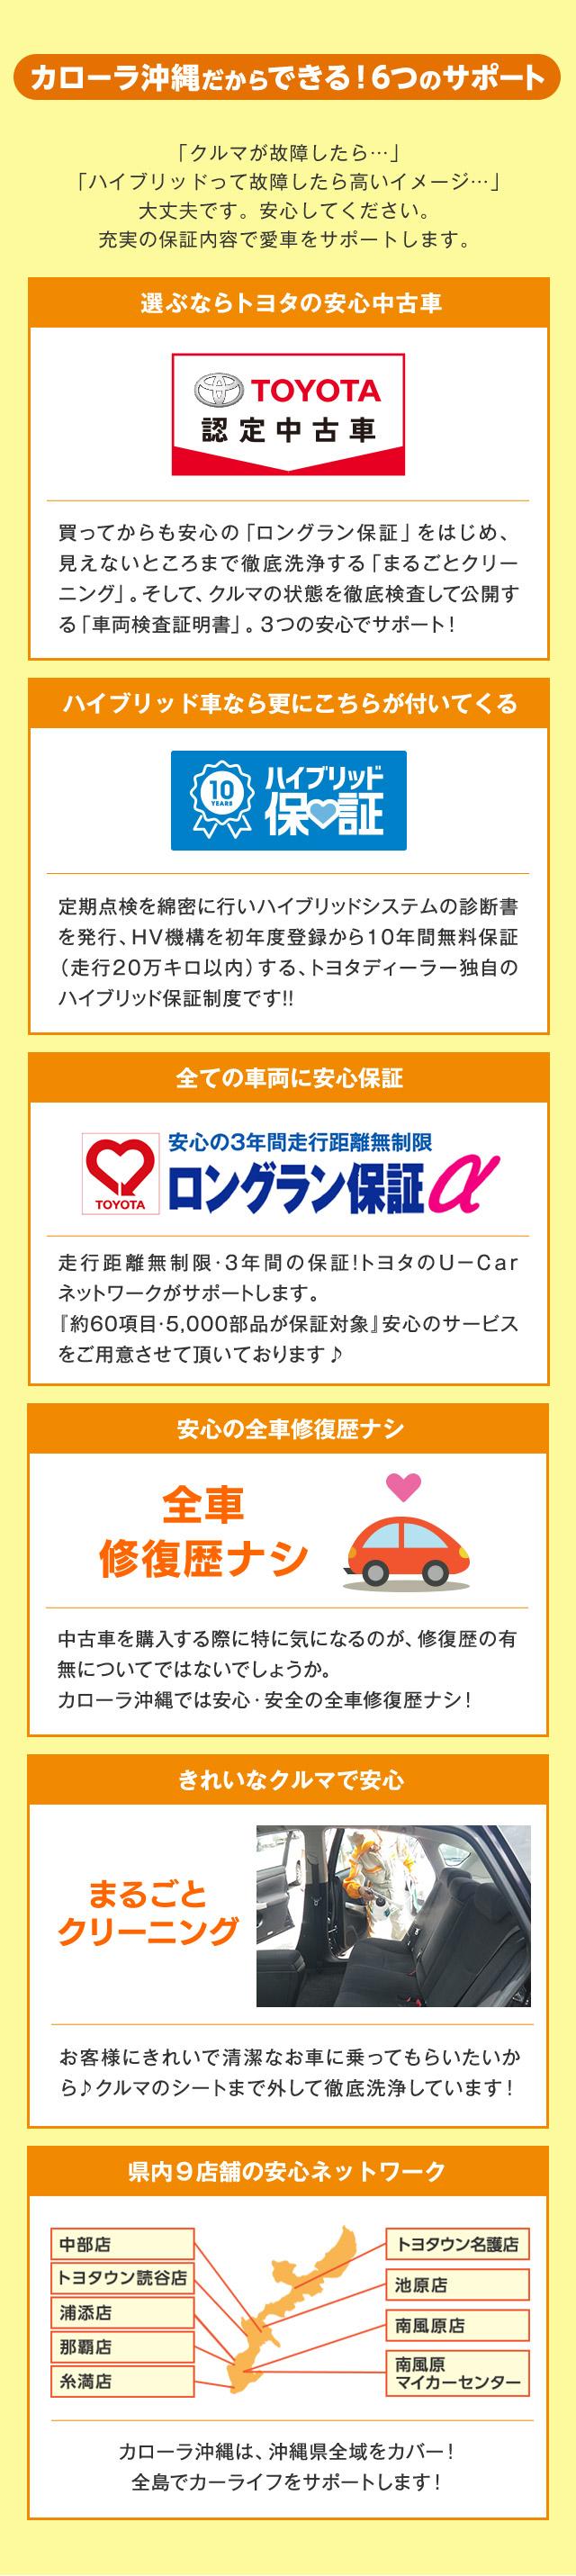 トヨタのお店だからできる6つの安心